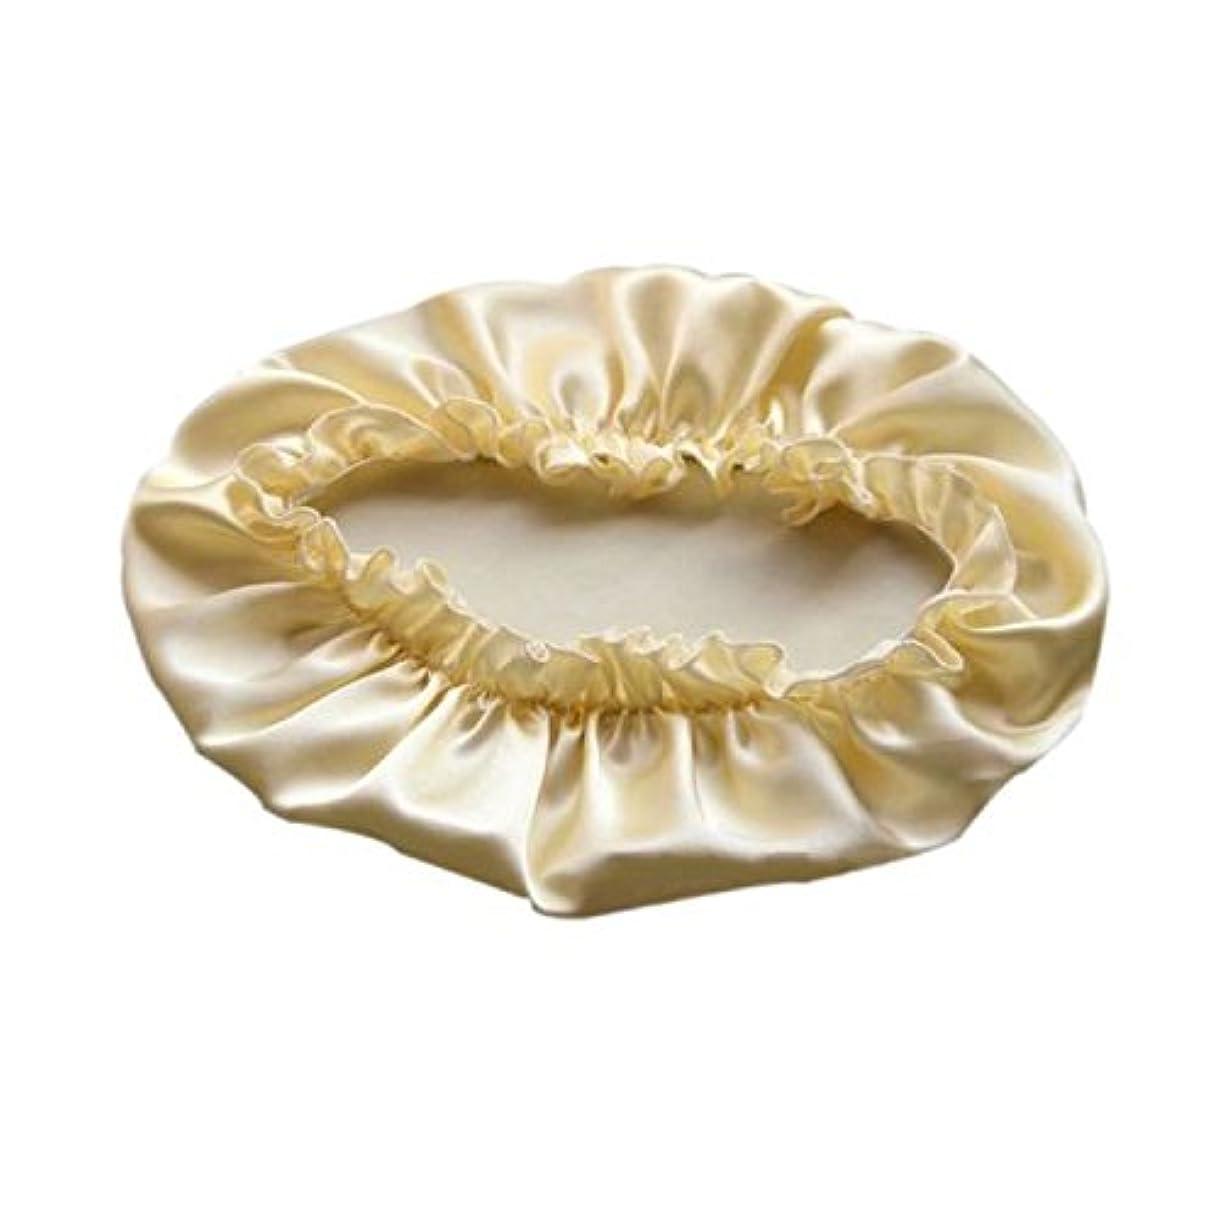 エンティティフォロー放置アンミダ(ANMIDA)シルク100%ナイトキャップ  天然シルク ナイトキャップ ヘアーキャップ メンズ レディース 美髪 就寝用帽子 室内帽子 通気性抜群